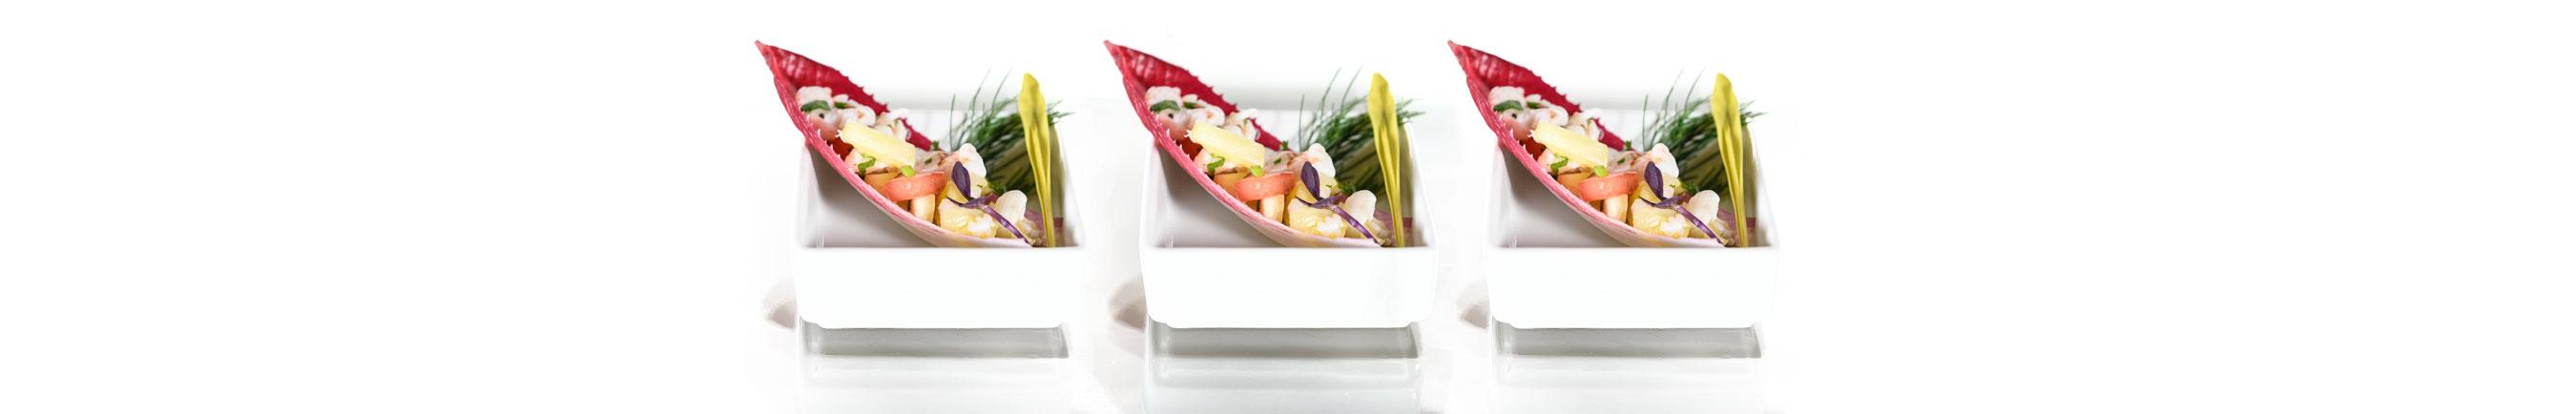 slideshow-dessert-ceviche